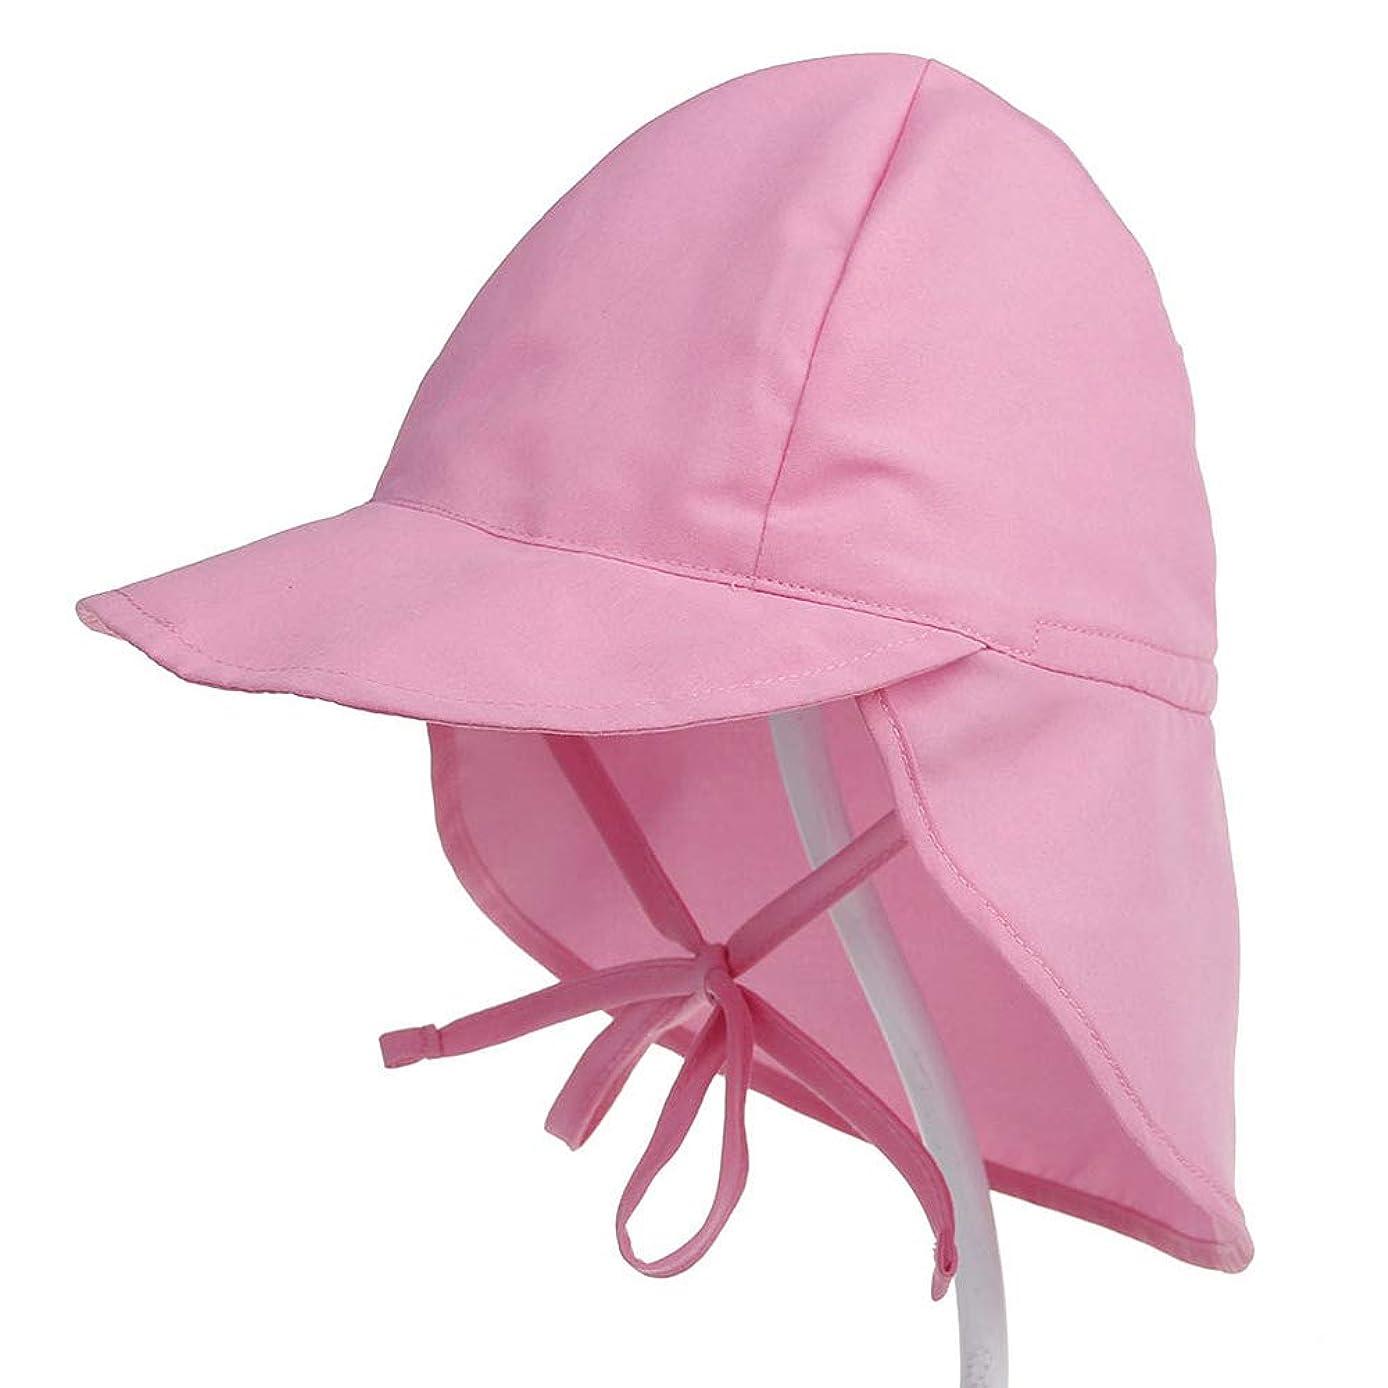 ミサイル決済汗无 夏の赤ちゃんの太陽の帽子子供屋外ネックイヤーカバーアンチuv保護ビーチキャップスイミングフラップキャップ3-18ヶ月の赤ちゃん